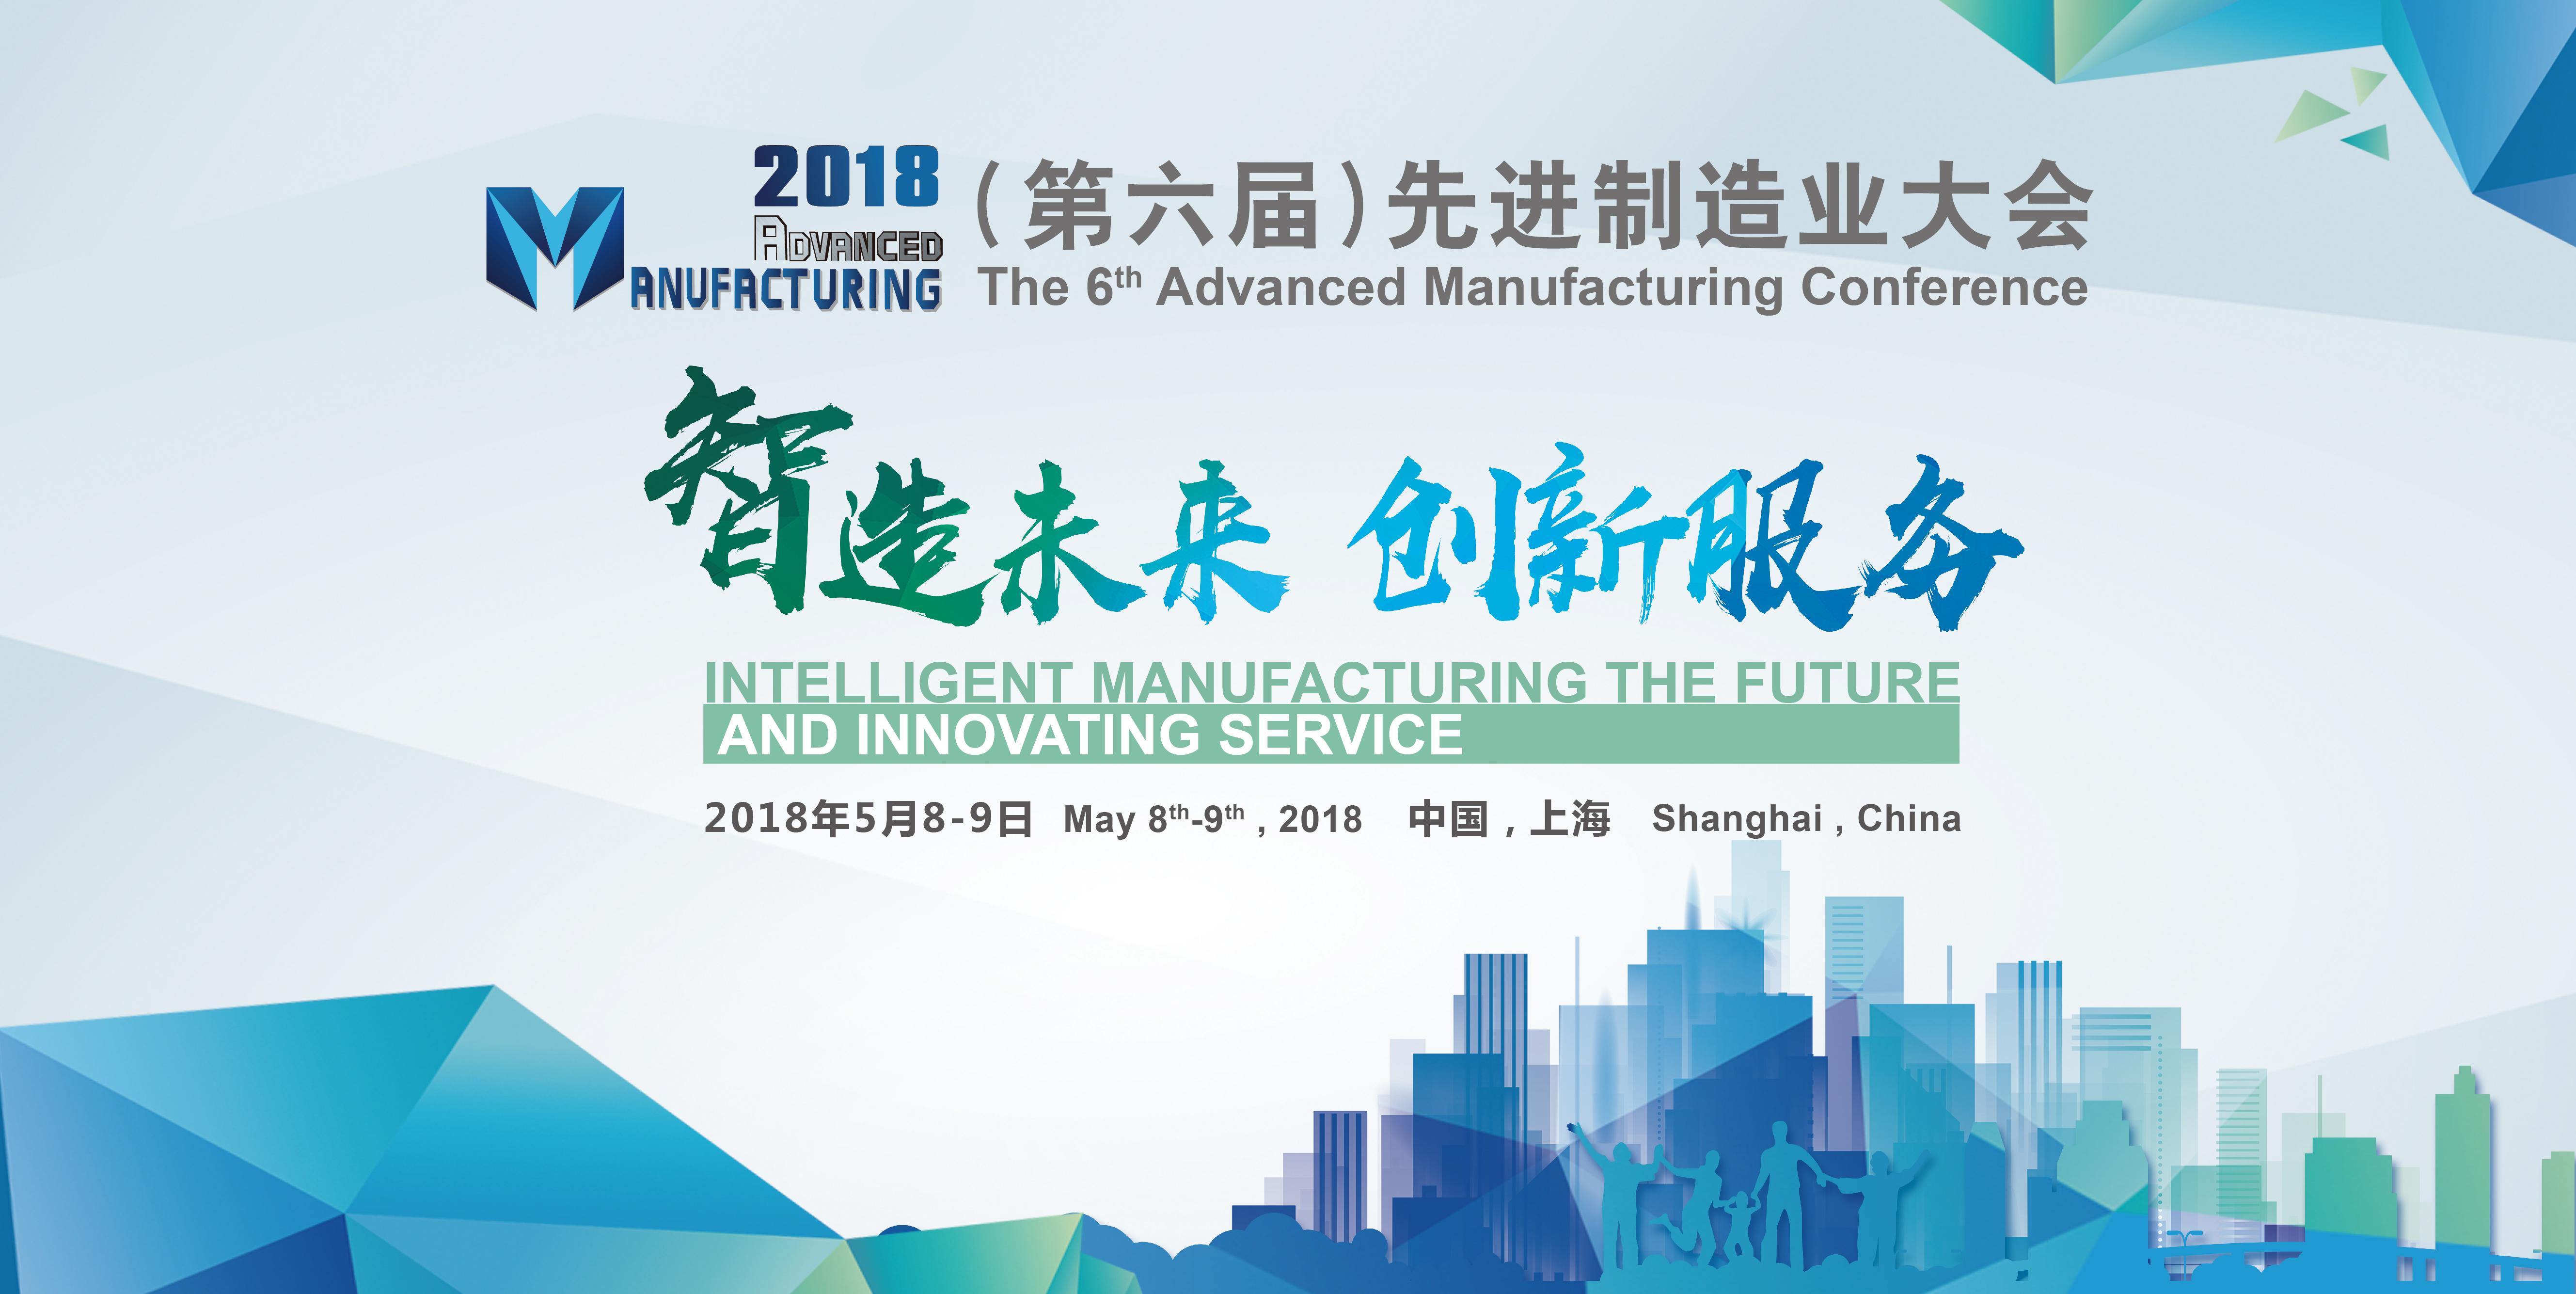 """丽春五月,2018(第六届)先进制造业大会与你相约""""智""""造上海"""